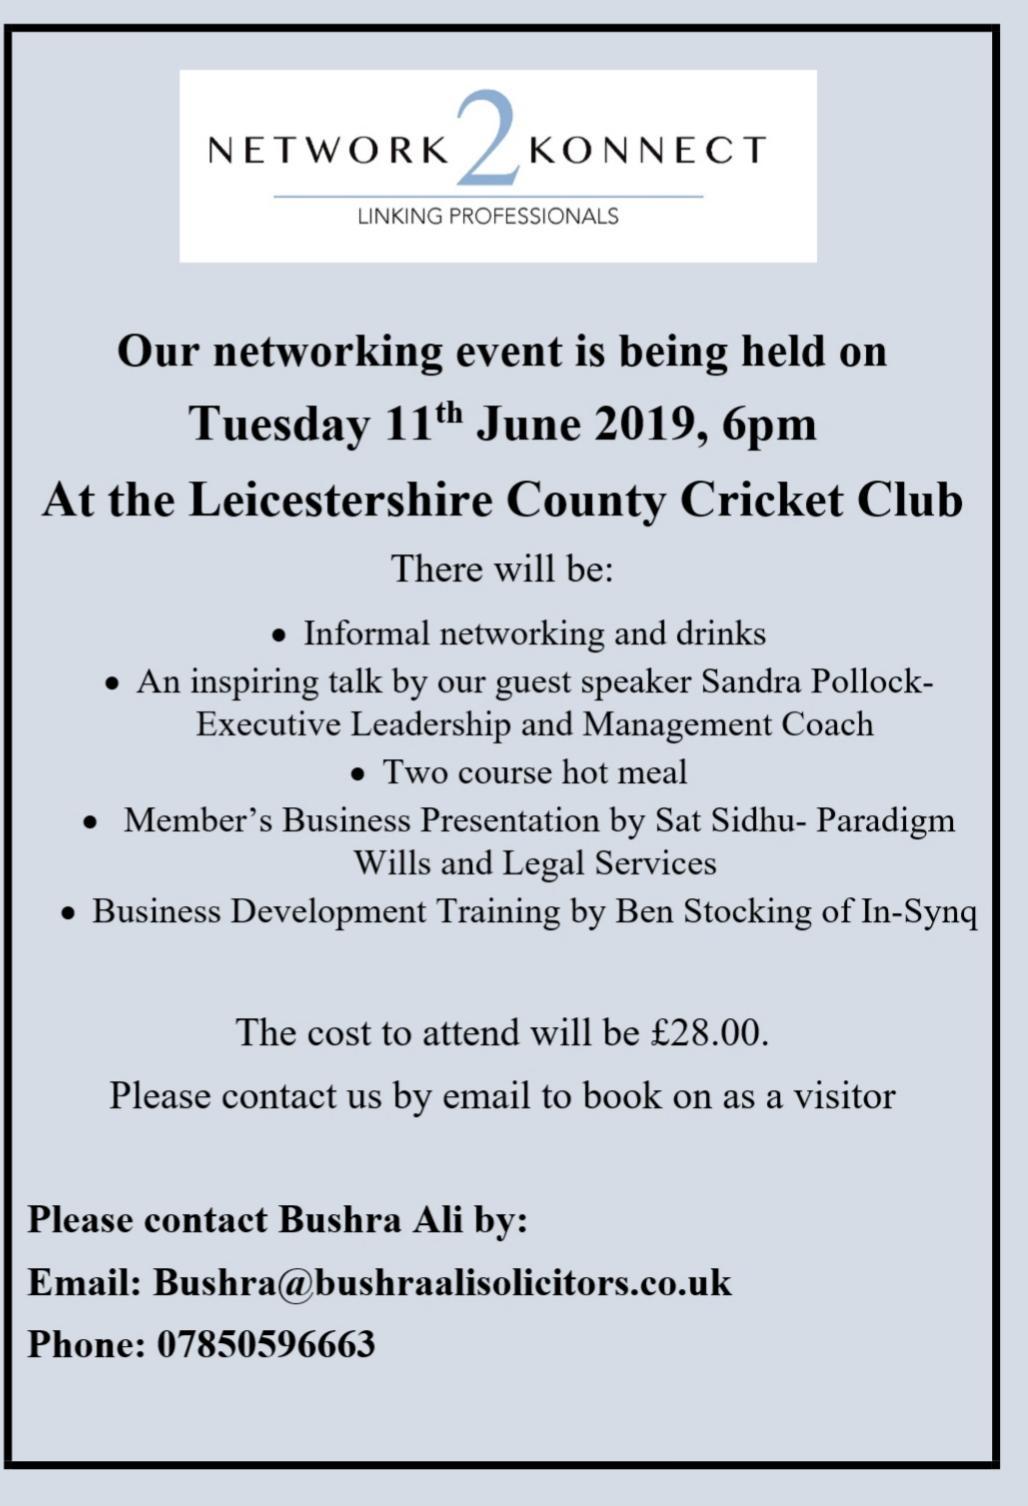 Bushra Ali - Network 2 Connect